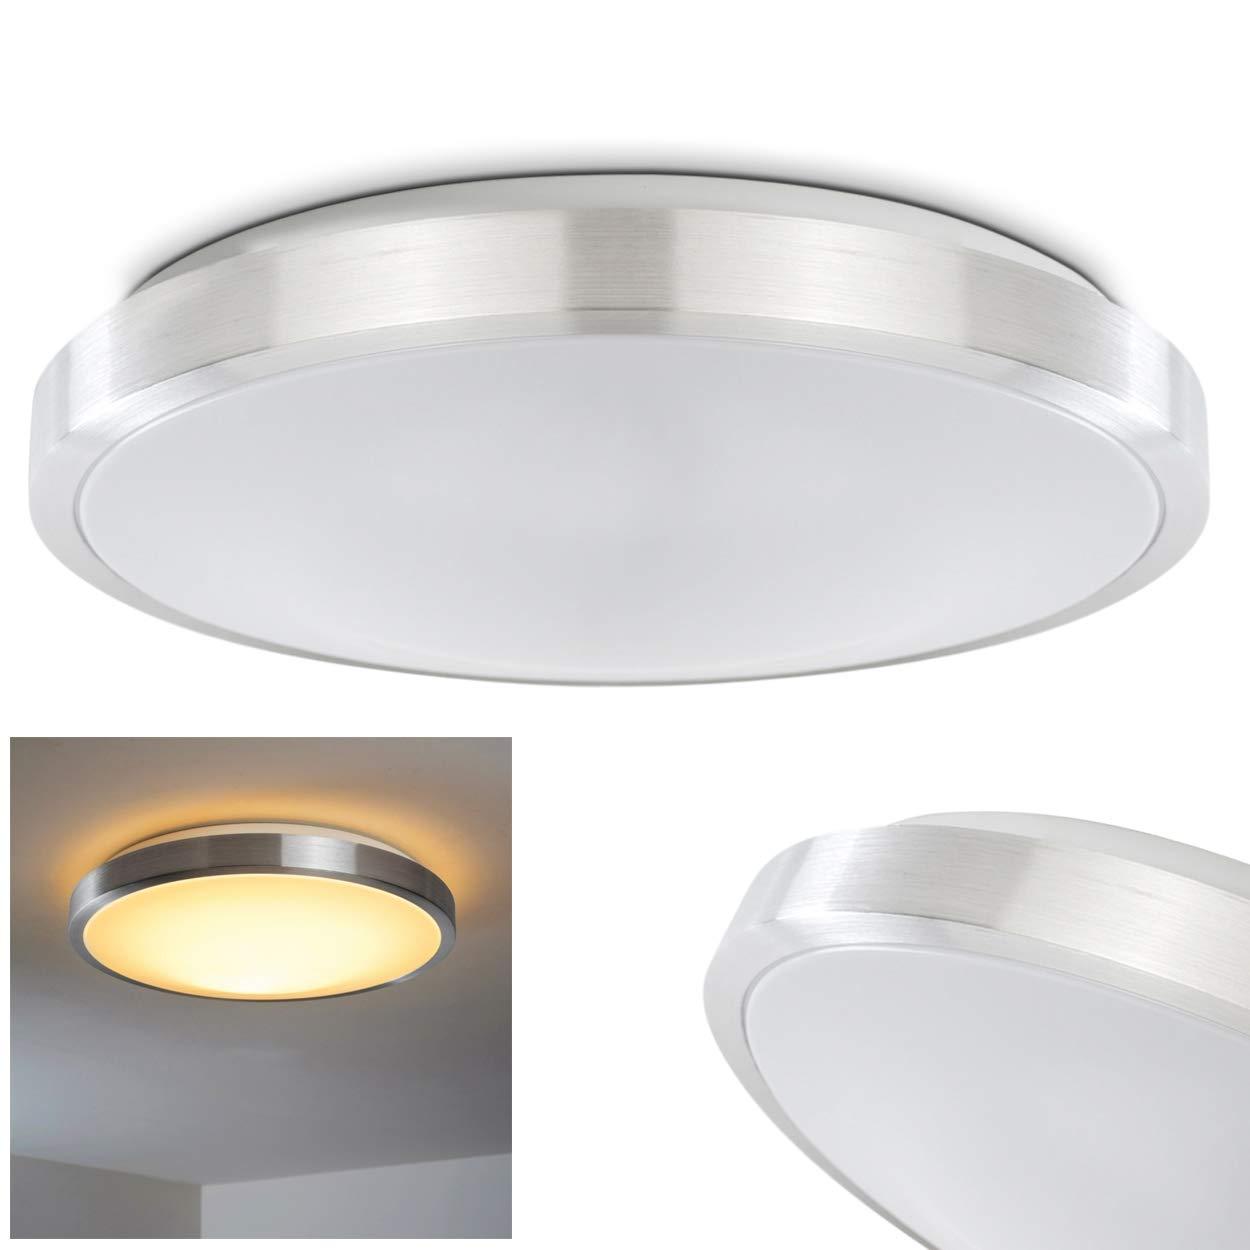 Led bathroom ceiling light 3000 kelvin 1800 lumen ip 44 amazon co uk lighting